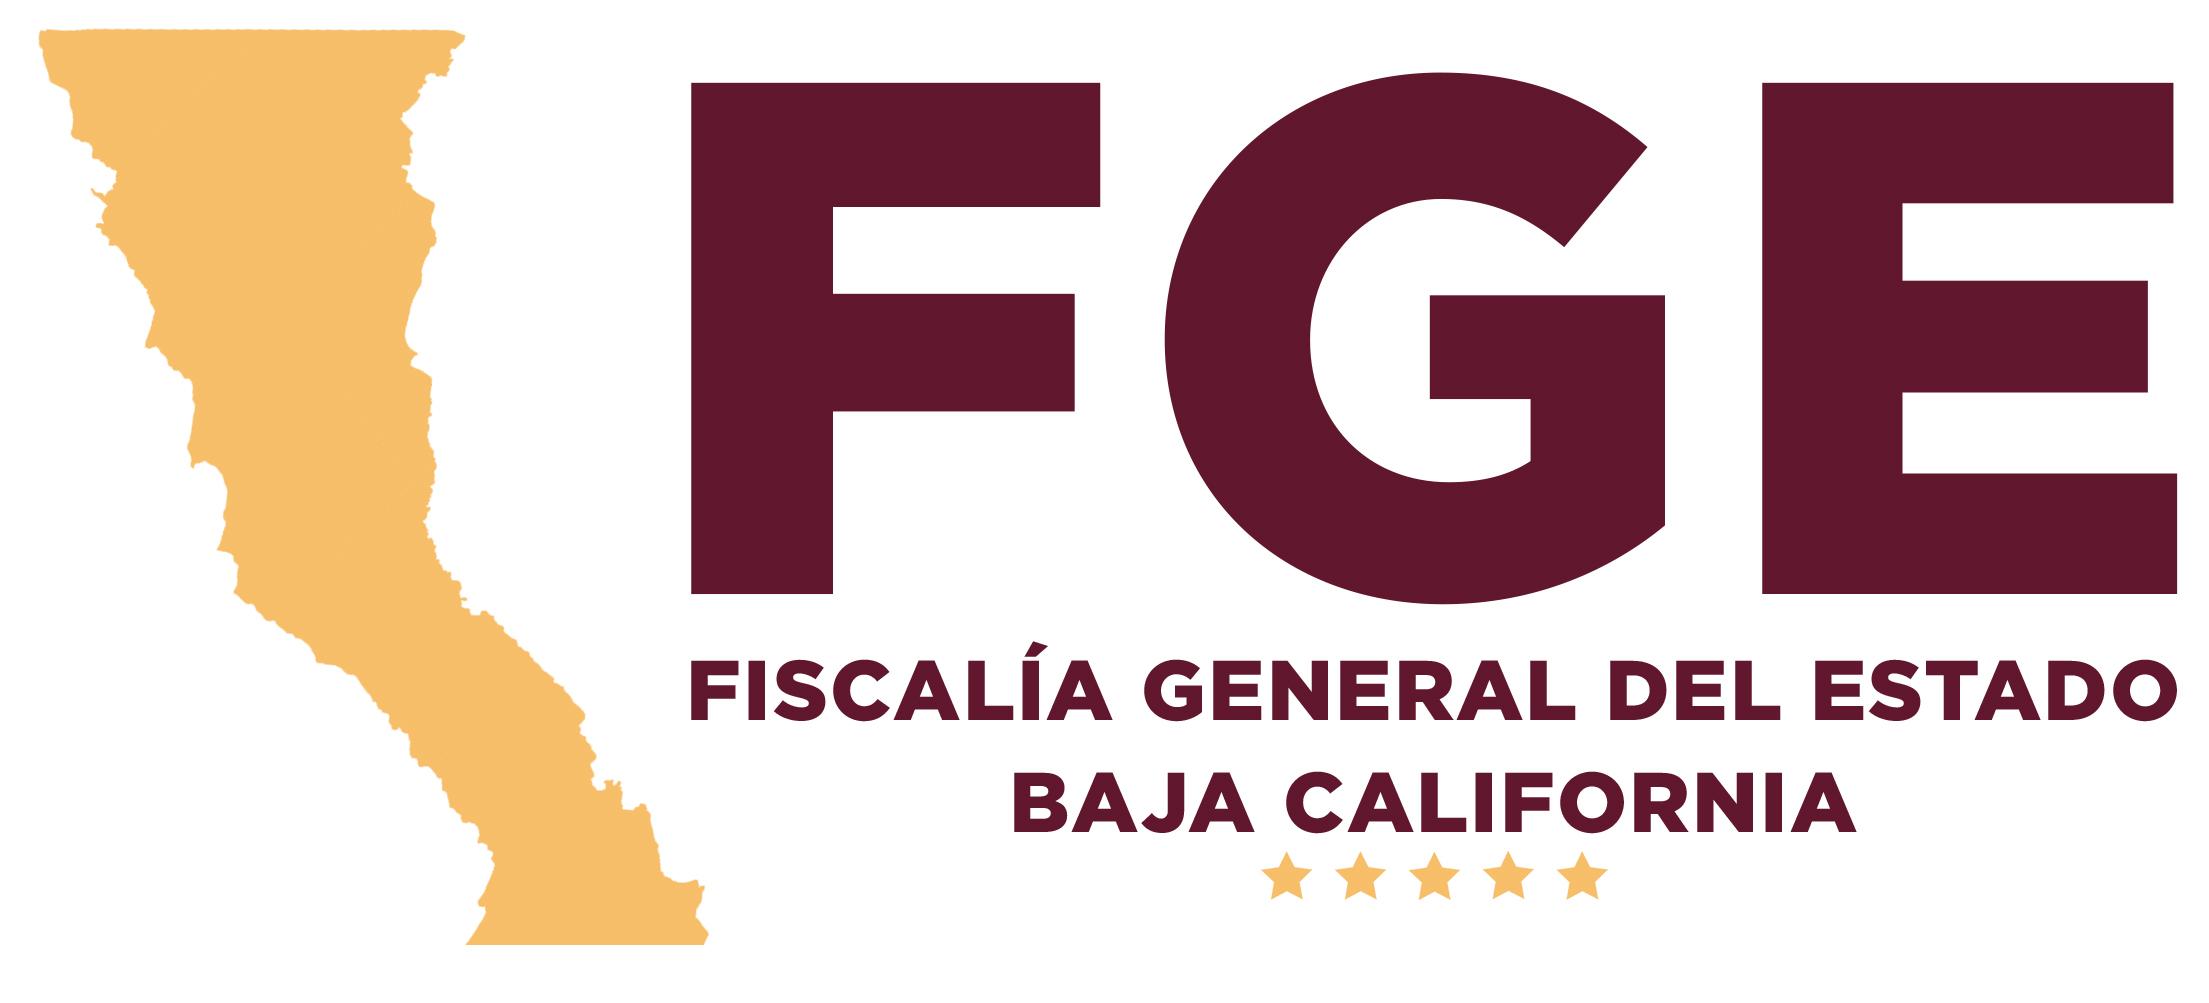 Fiscalía General del Estado de Baja California